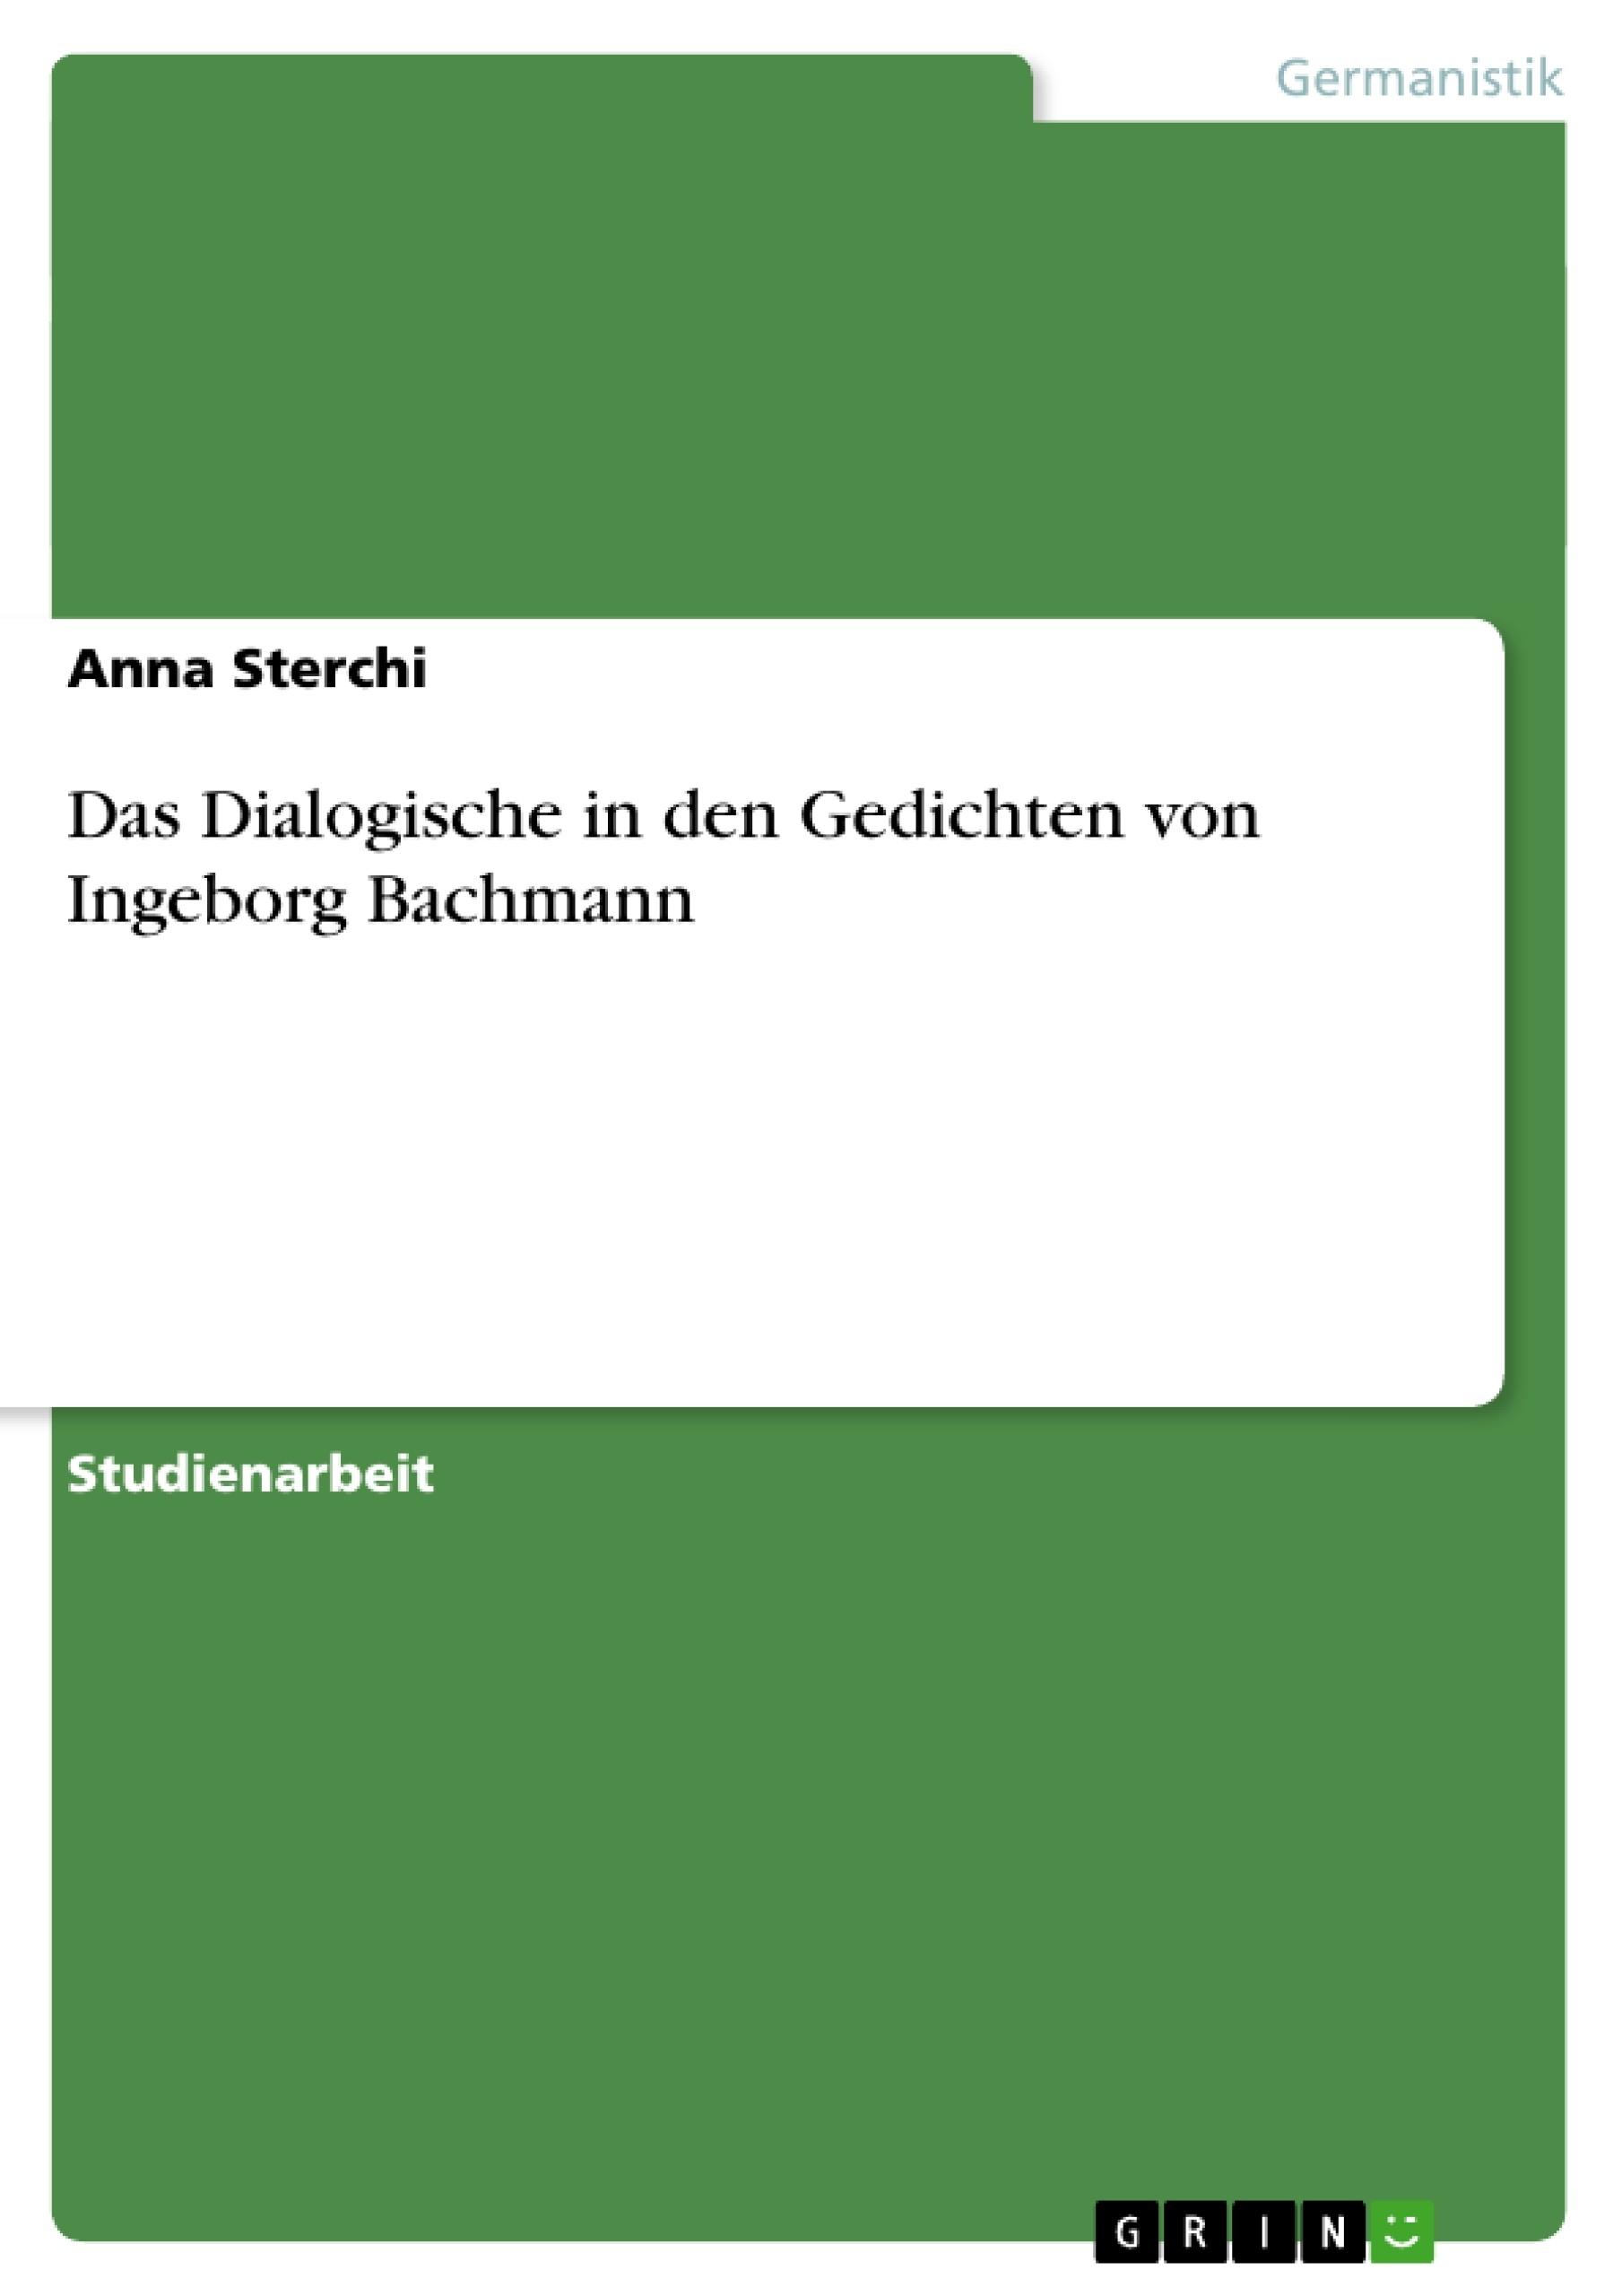 Titel: Das Dialogische in den Gedichten von Ingeborg Bachmann